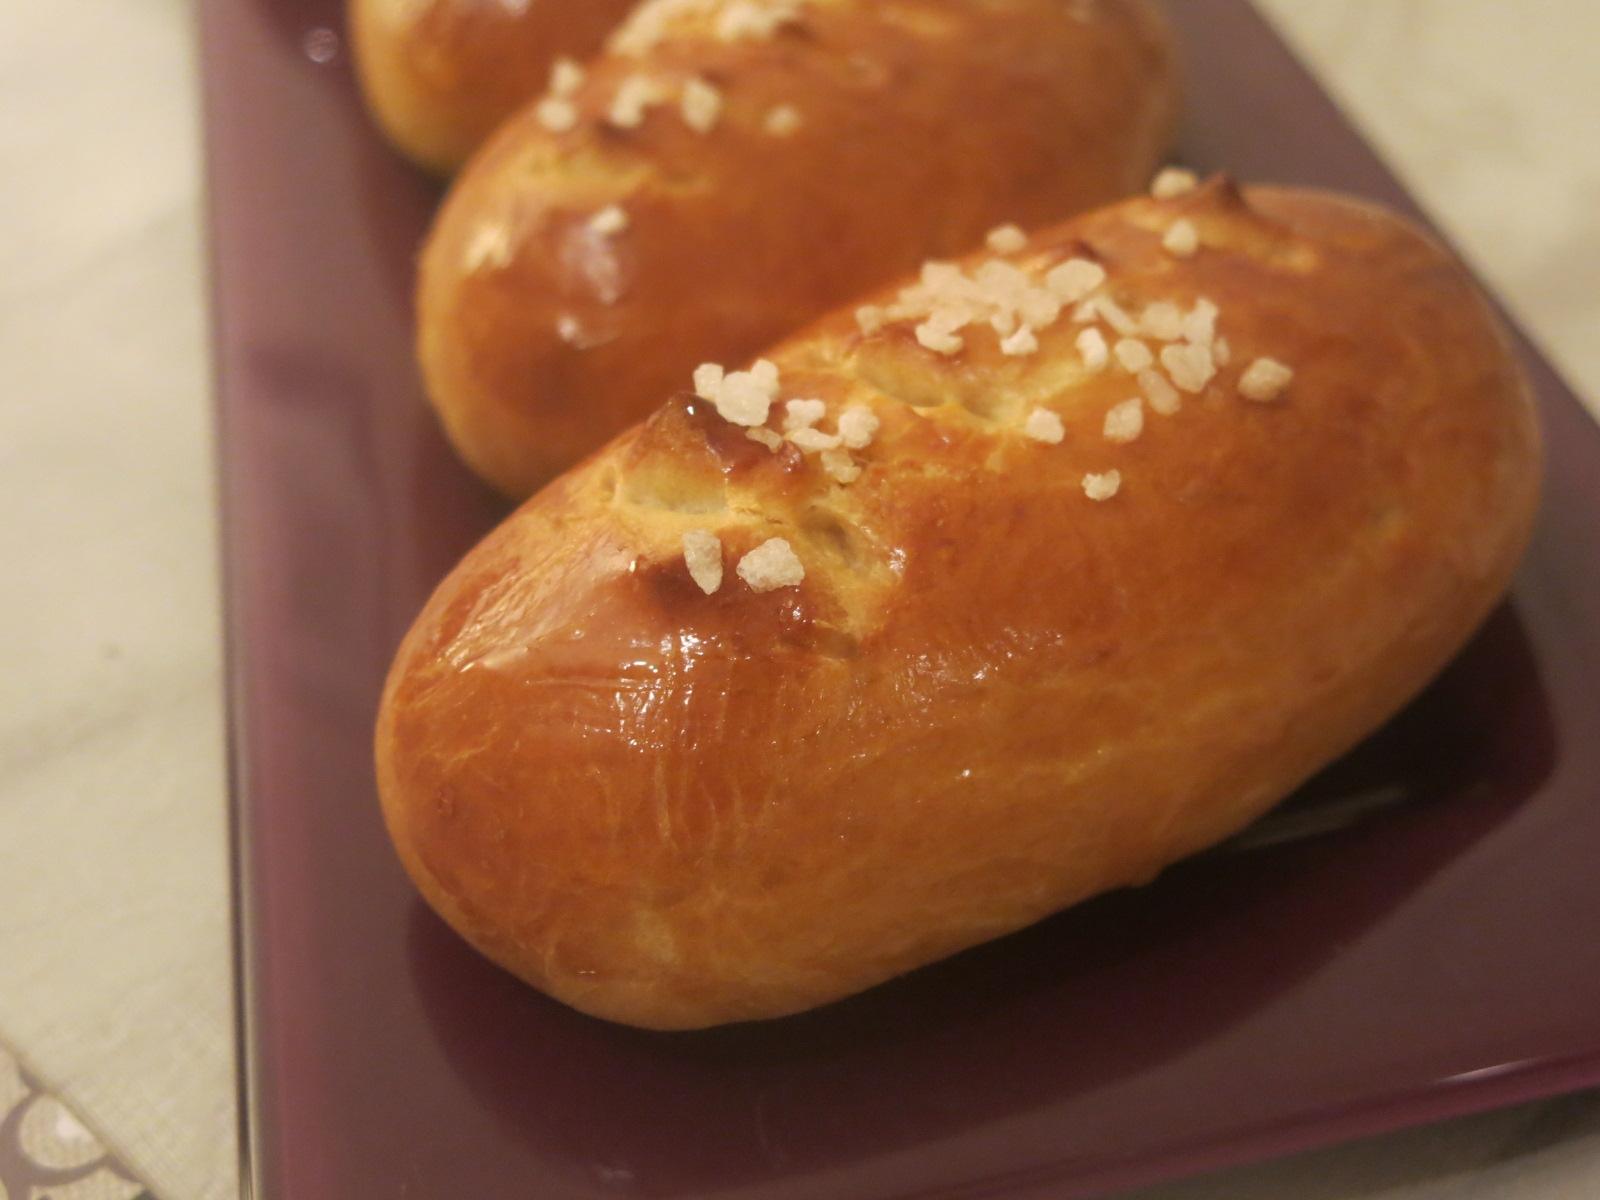 Pâte à pain au lait et façonnage